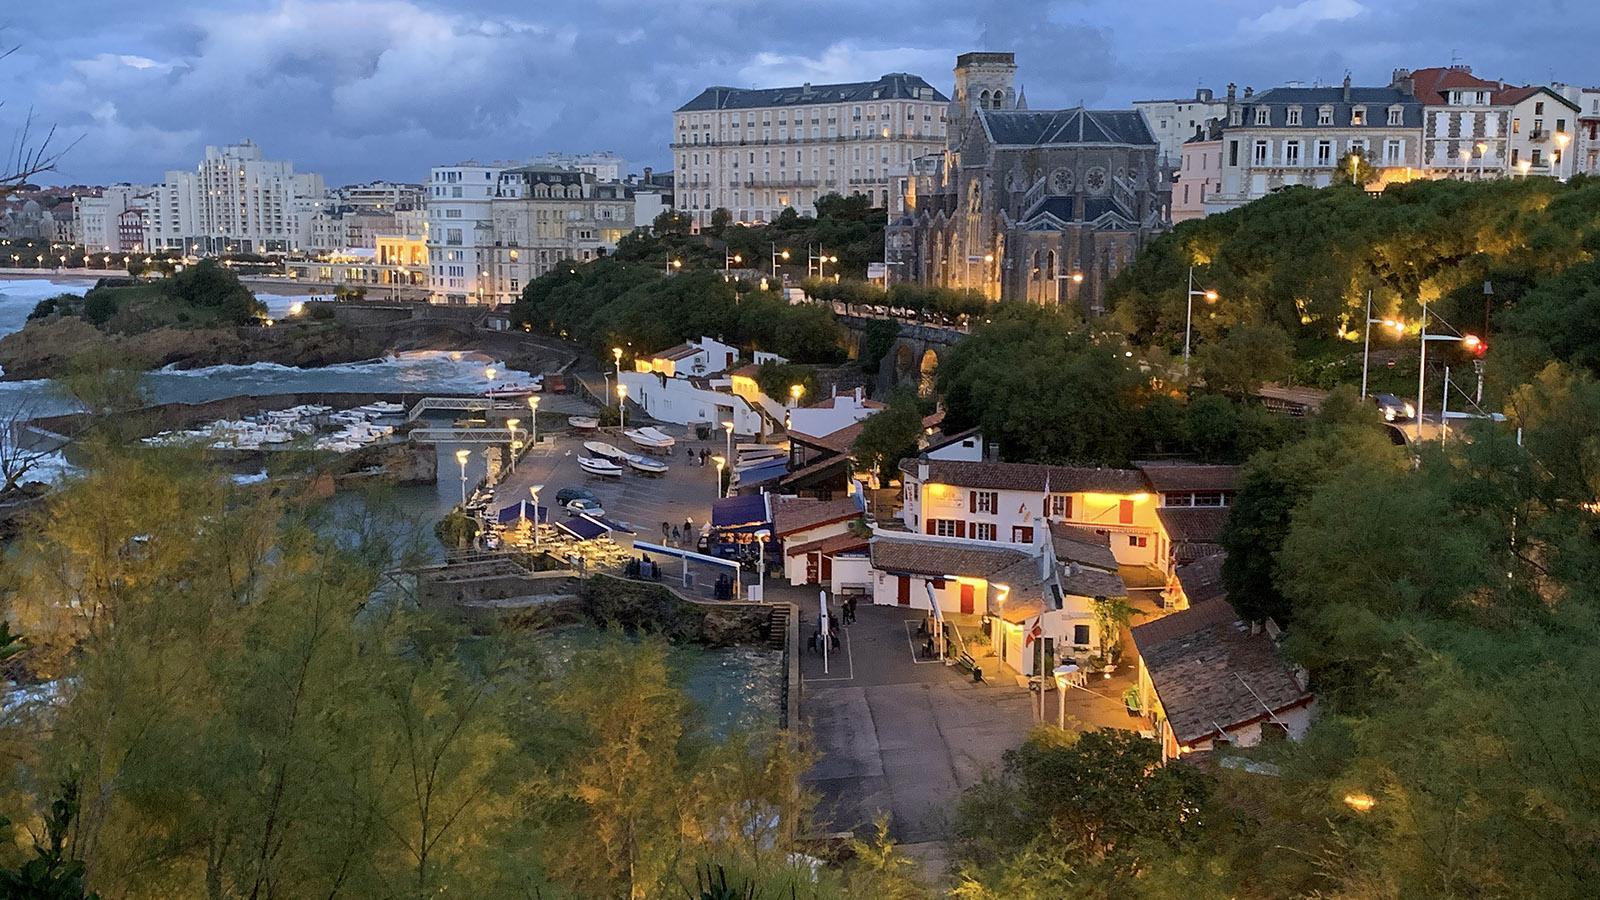 Port-Vieux von Biarritz am frühen Abend. Foto: Hilke Maunder